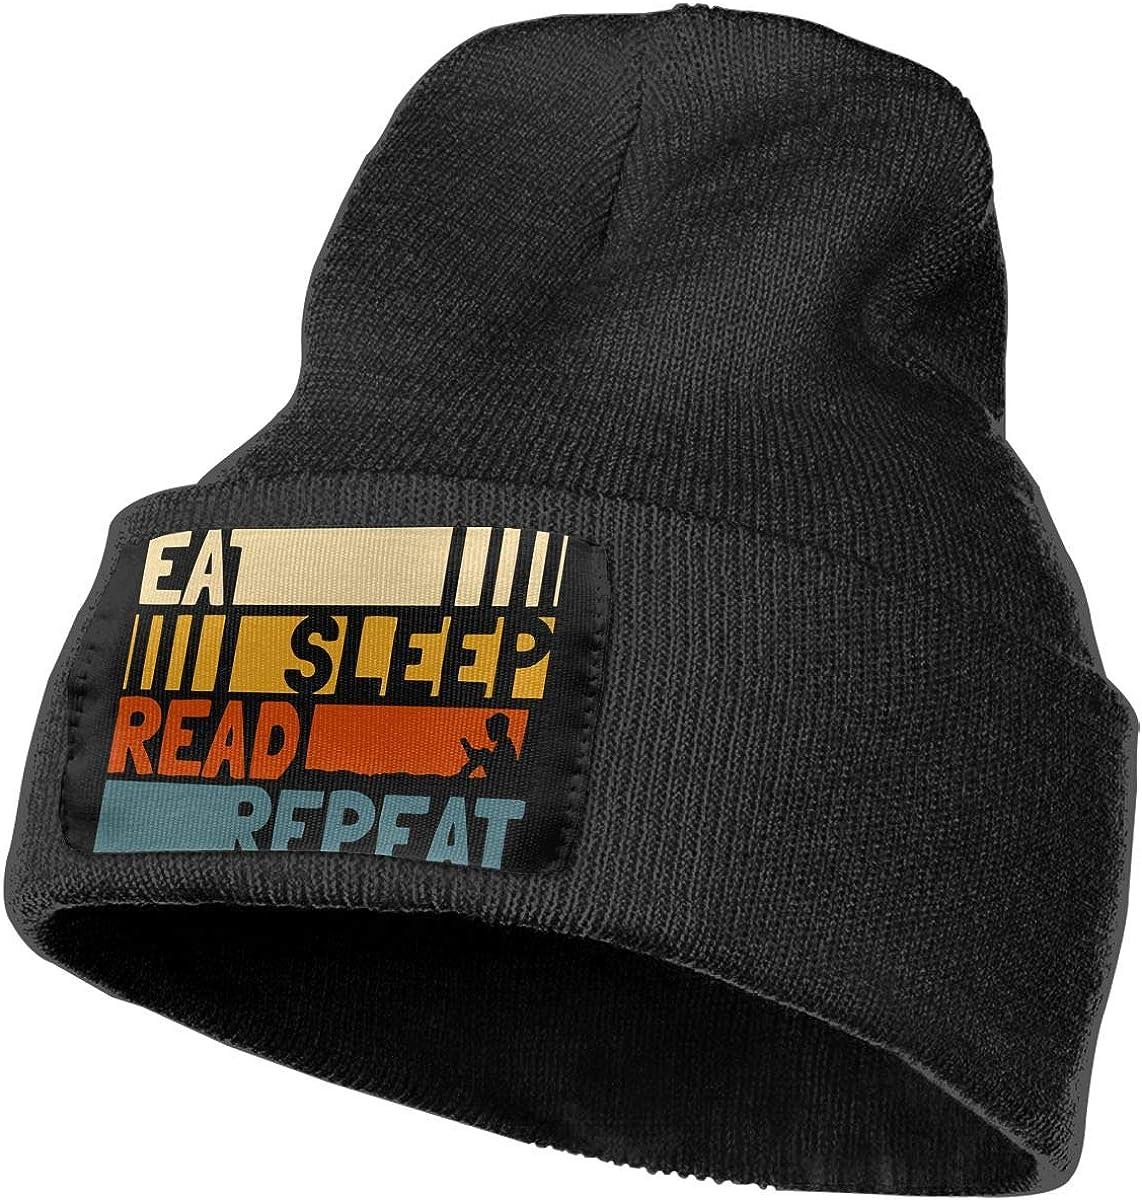 Men//Women Basketball Heartbeat Outdoor Stretch Beanies Hat Soft Winter Knit Caps